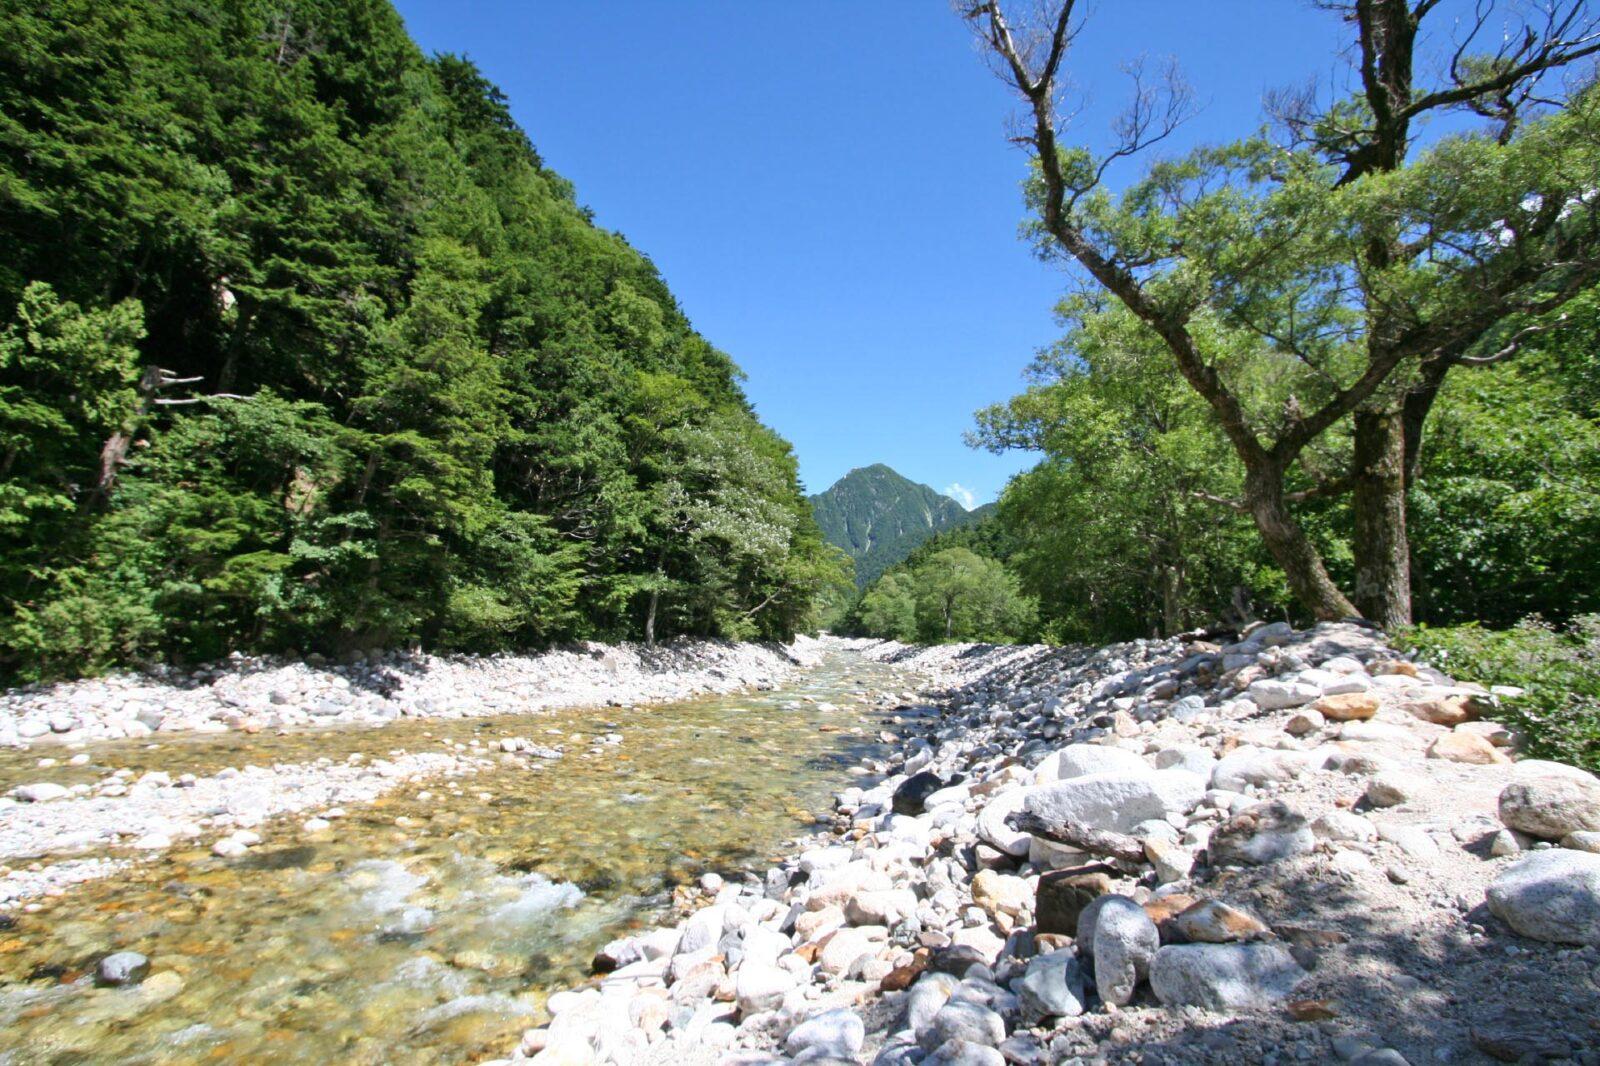 奥穂高岳をはじめとする穂高連峰へのアクセスとなる横尾